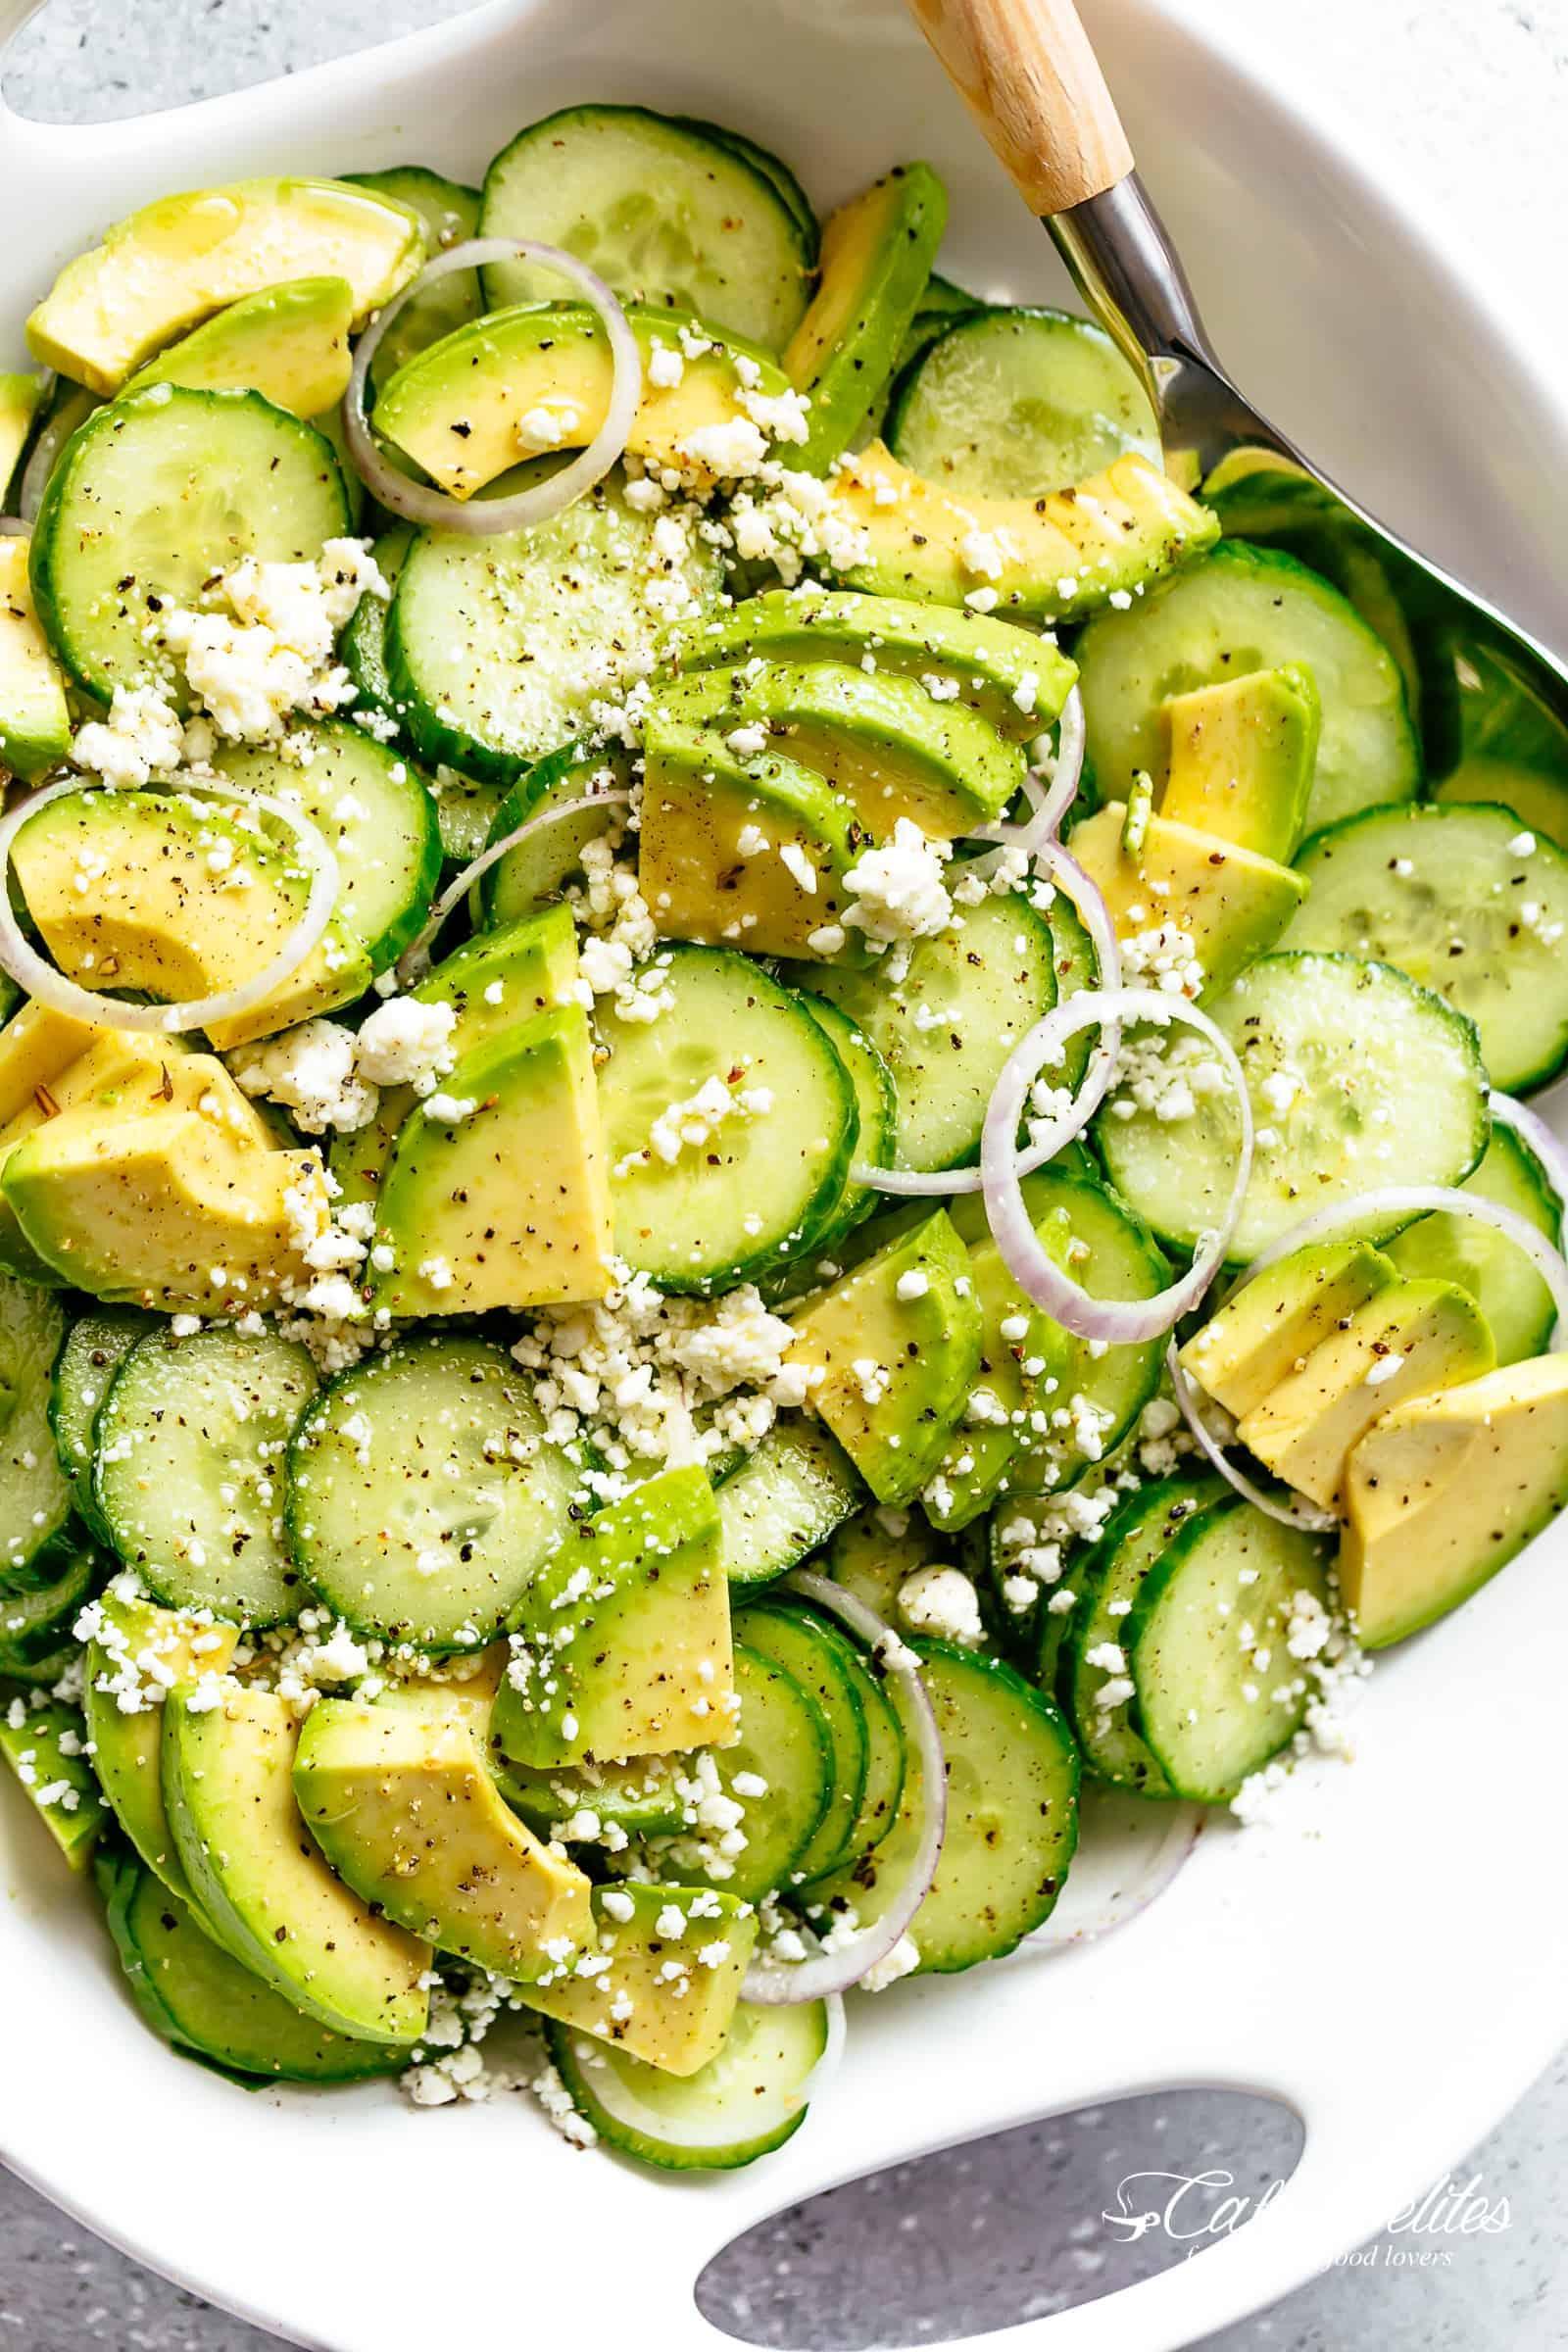 Salade de concombre et d'avocat avec fromage feta et une délicieuse vinaigrette ou vinaigrette d'inspiration grecque. La meilleure salade pour tout plat principal. | cafedelites.com